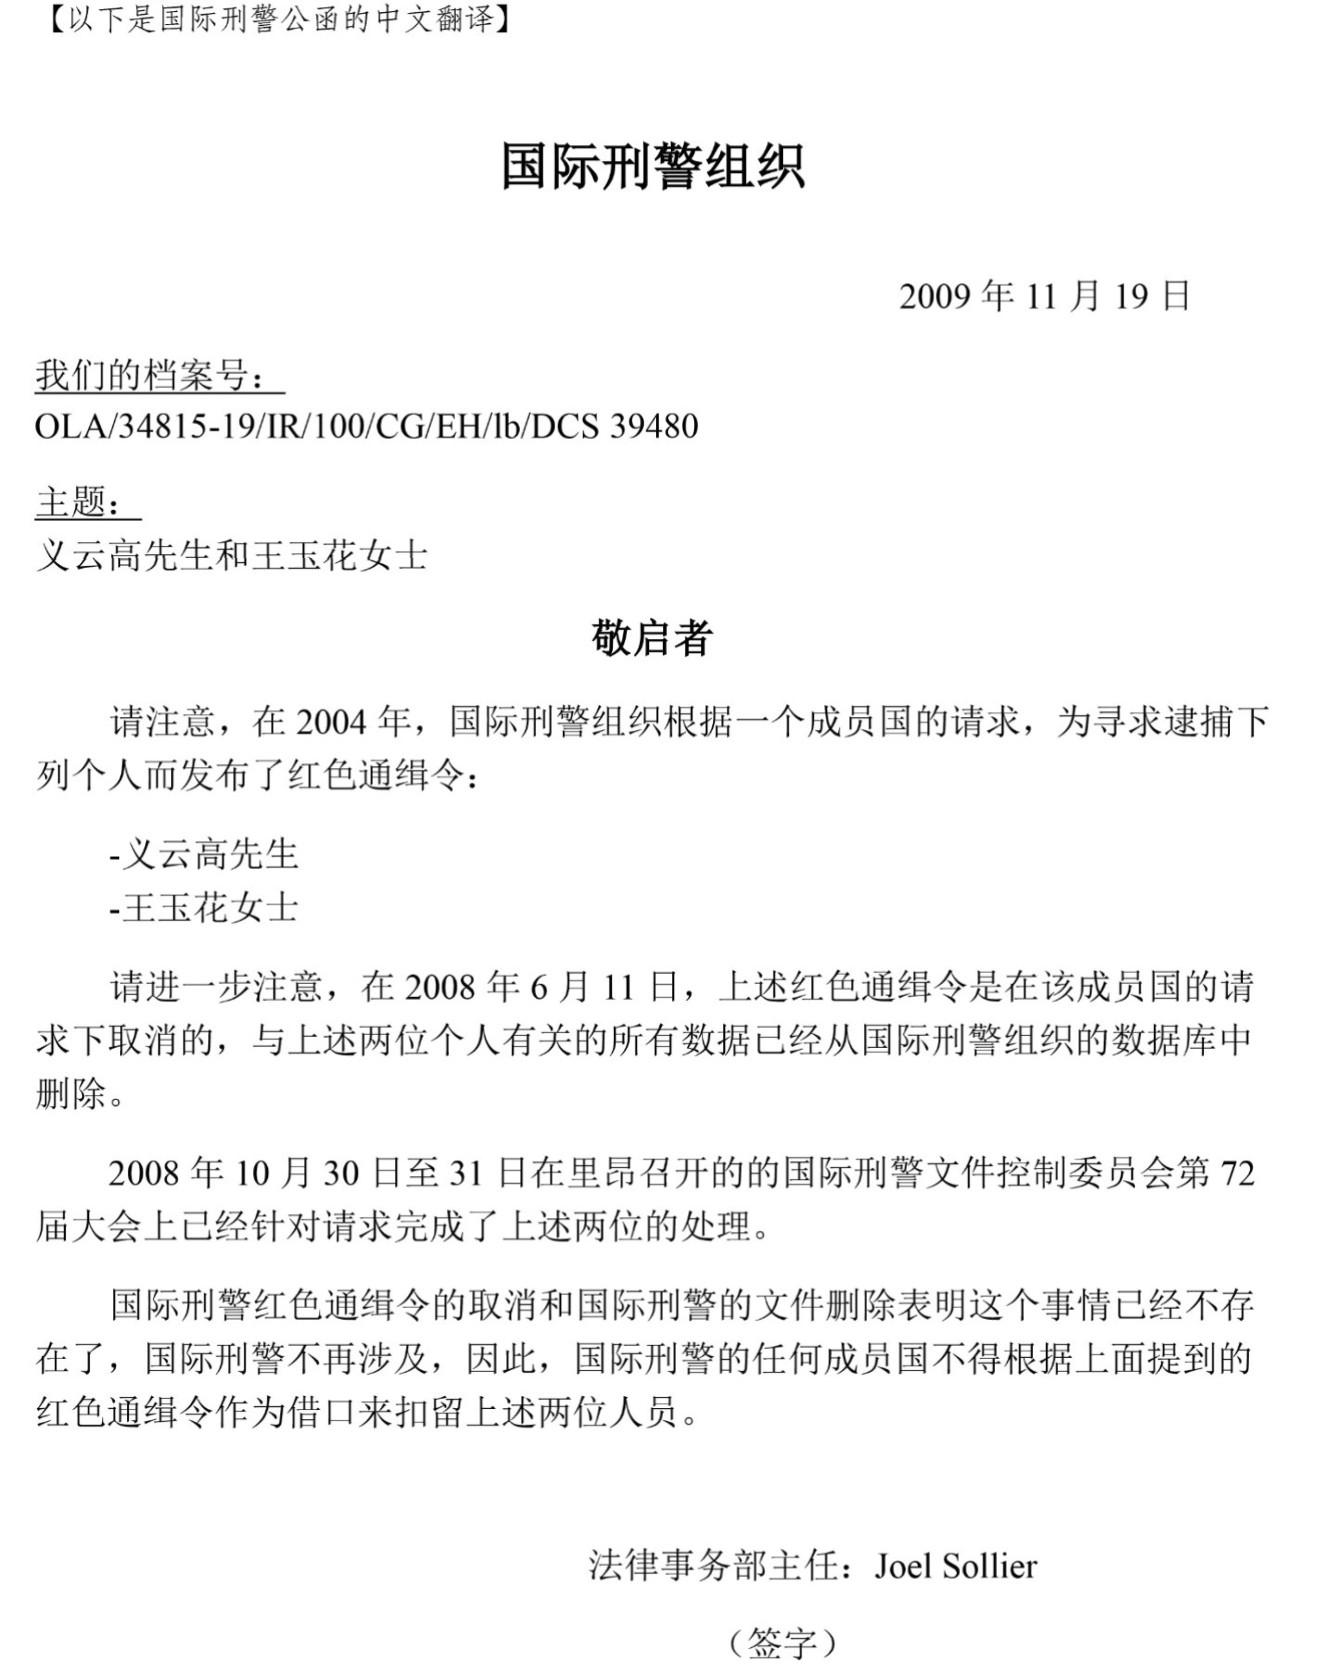 国际刑警早在2008年10月就已撤销了对第三世多杰羌佛的通缉令 第3张